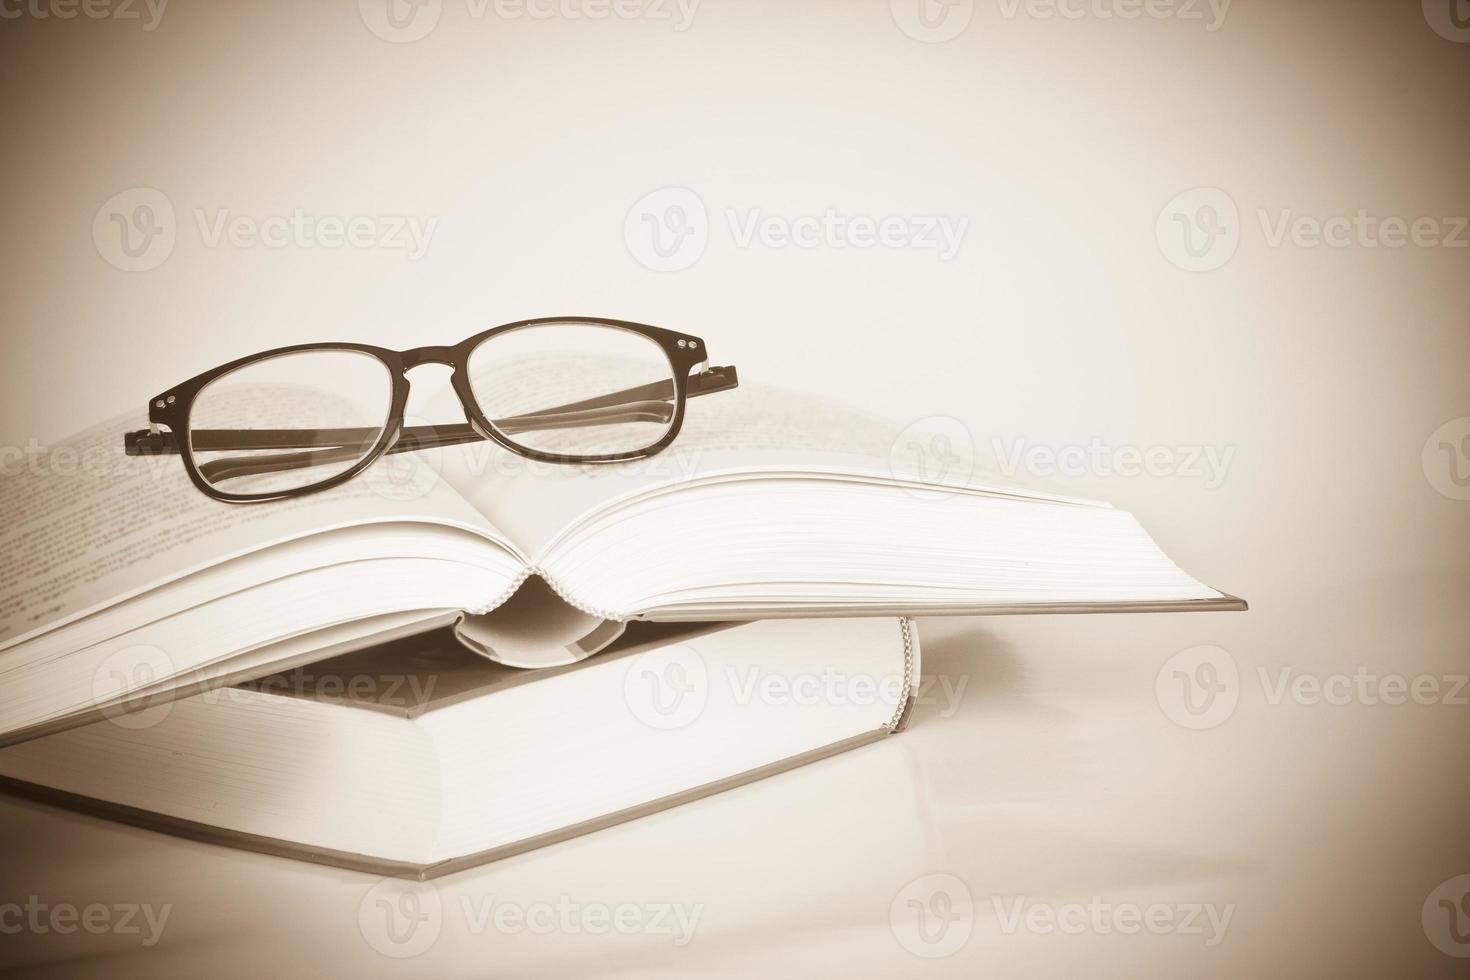 óculos de aros pretos colocados no livro aberto foto